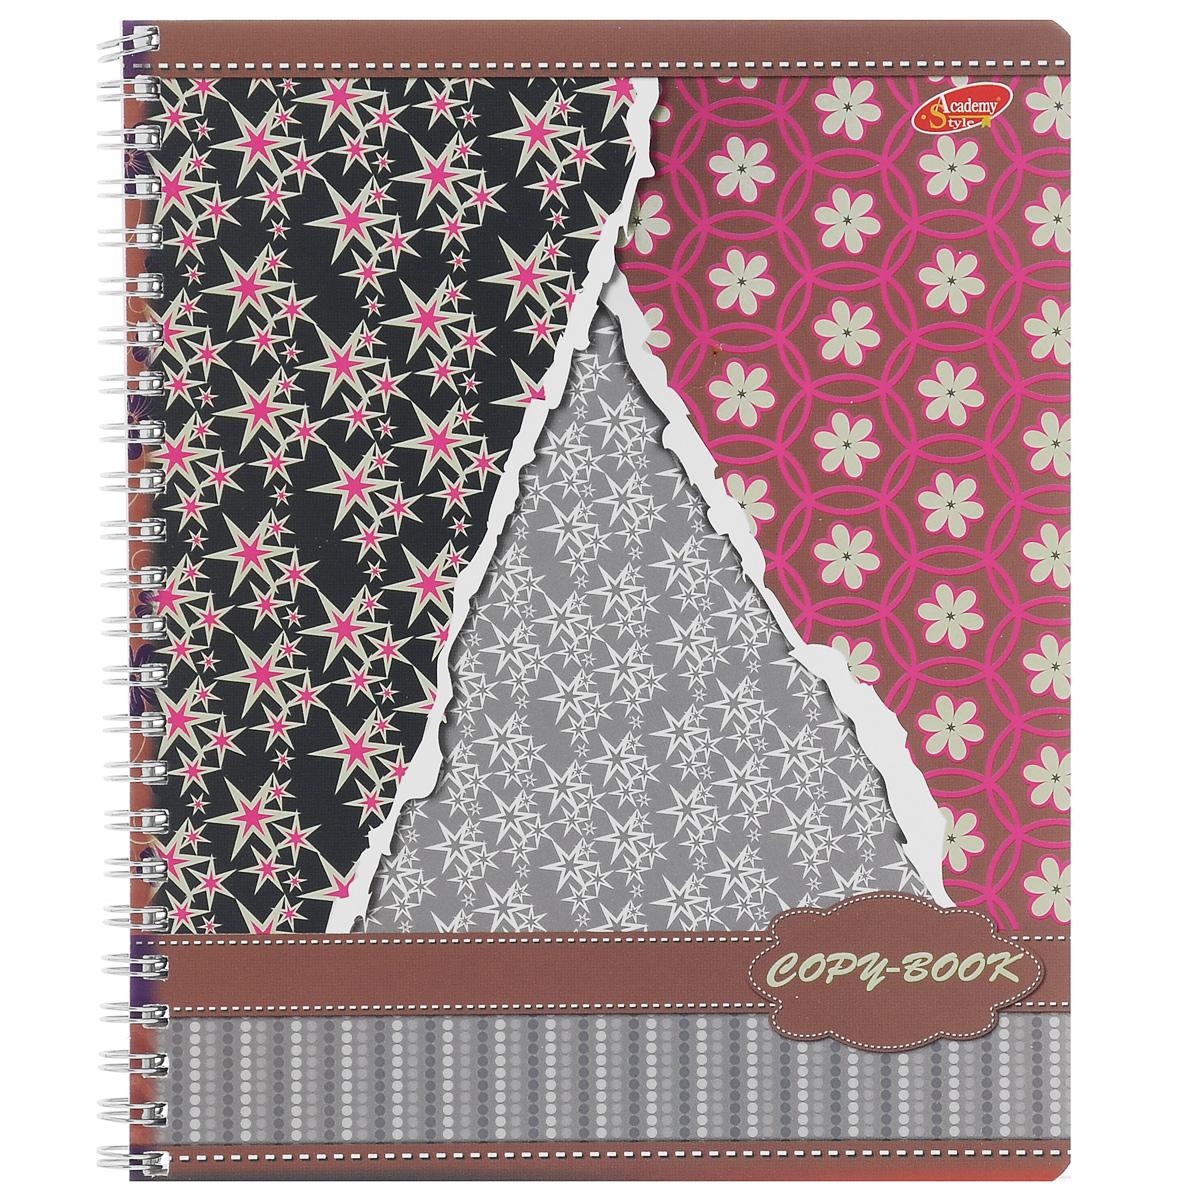 Тетрадь Обои, 80 листов, формат А5. 6590/3_коричневый48Т5B1_14158Тетрадь в клетку Обои с красочным изображением на обложке подойдет как школьнику, так и студенту. Обложкатетради с закругленными углами выполнена из мелованного картона. Внутренний блок состоит из 80 листов белой бумаги со стандартной линовкой в клетку, без полей.